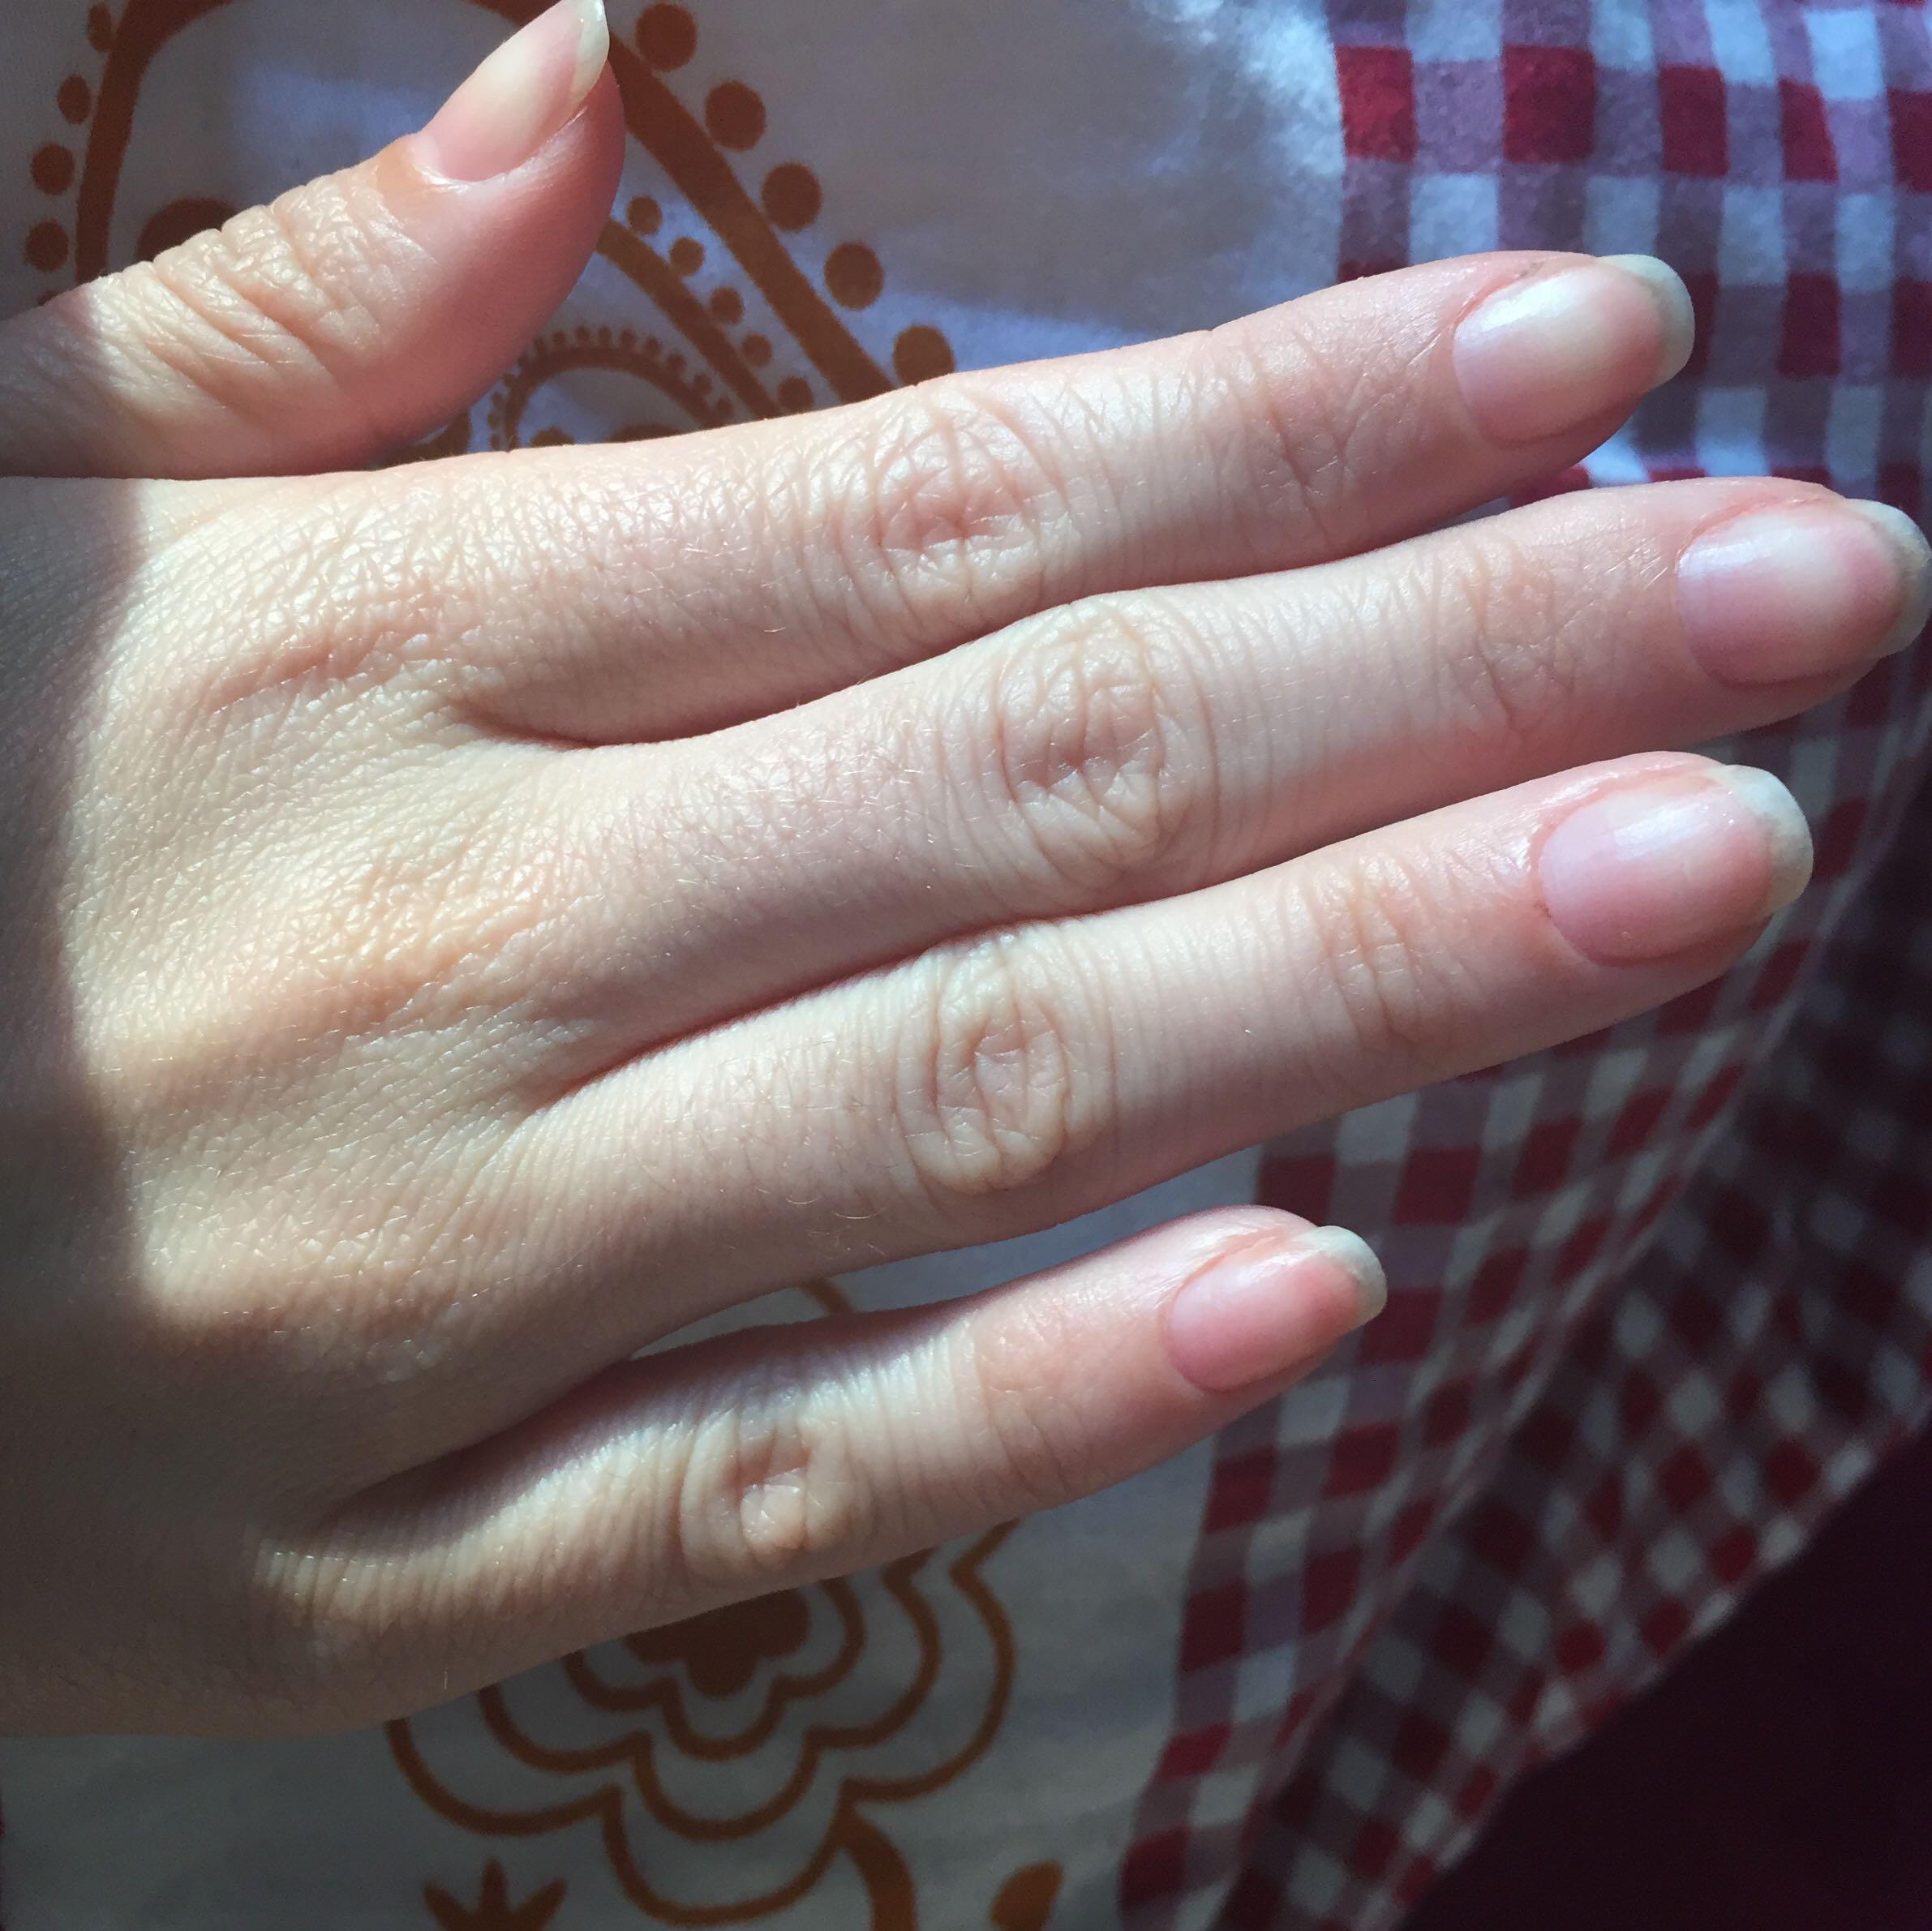 Passen meine nägel zu meiner hand? (Nagellack, SB, Nagelfeile)